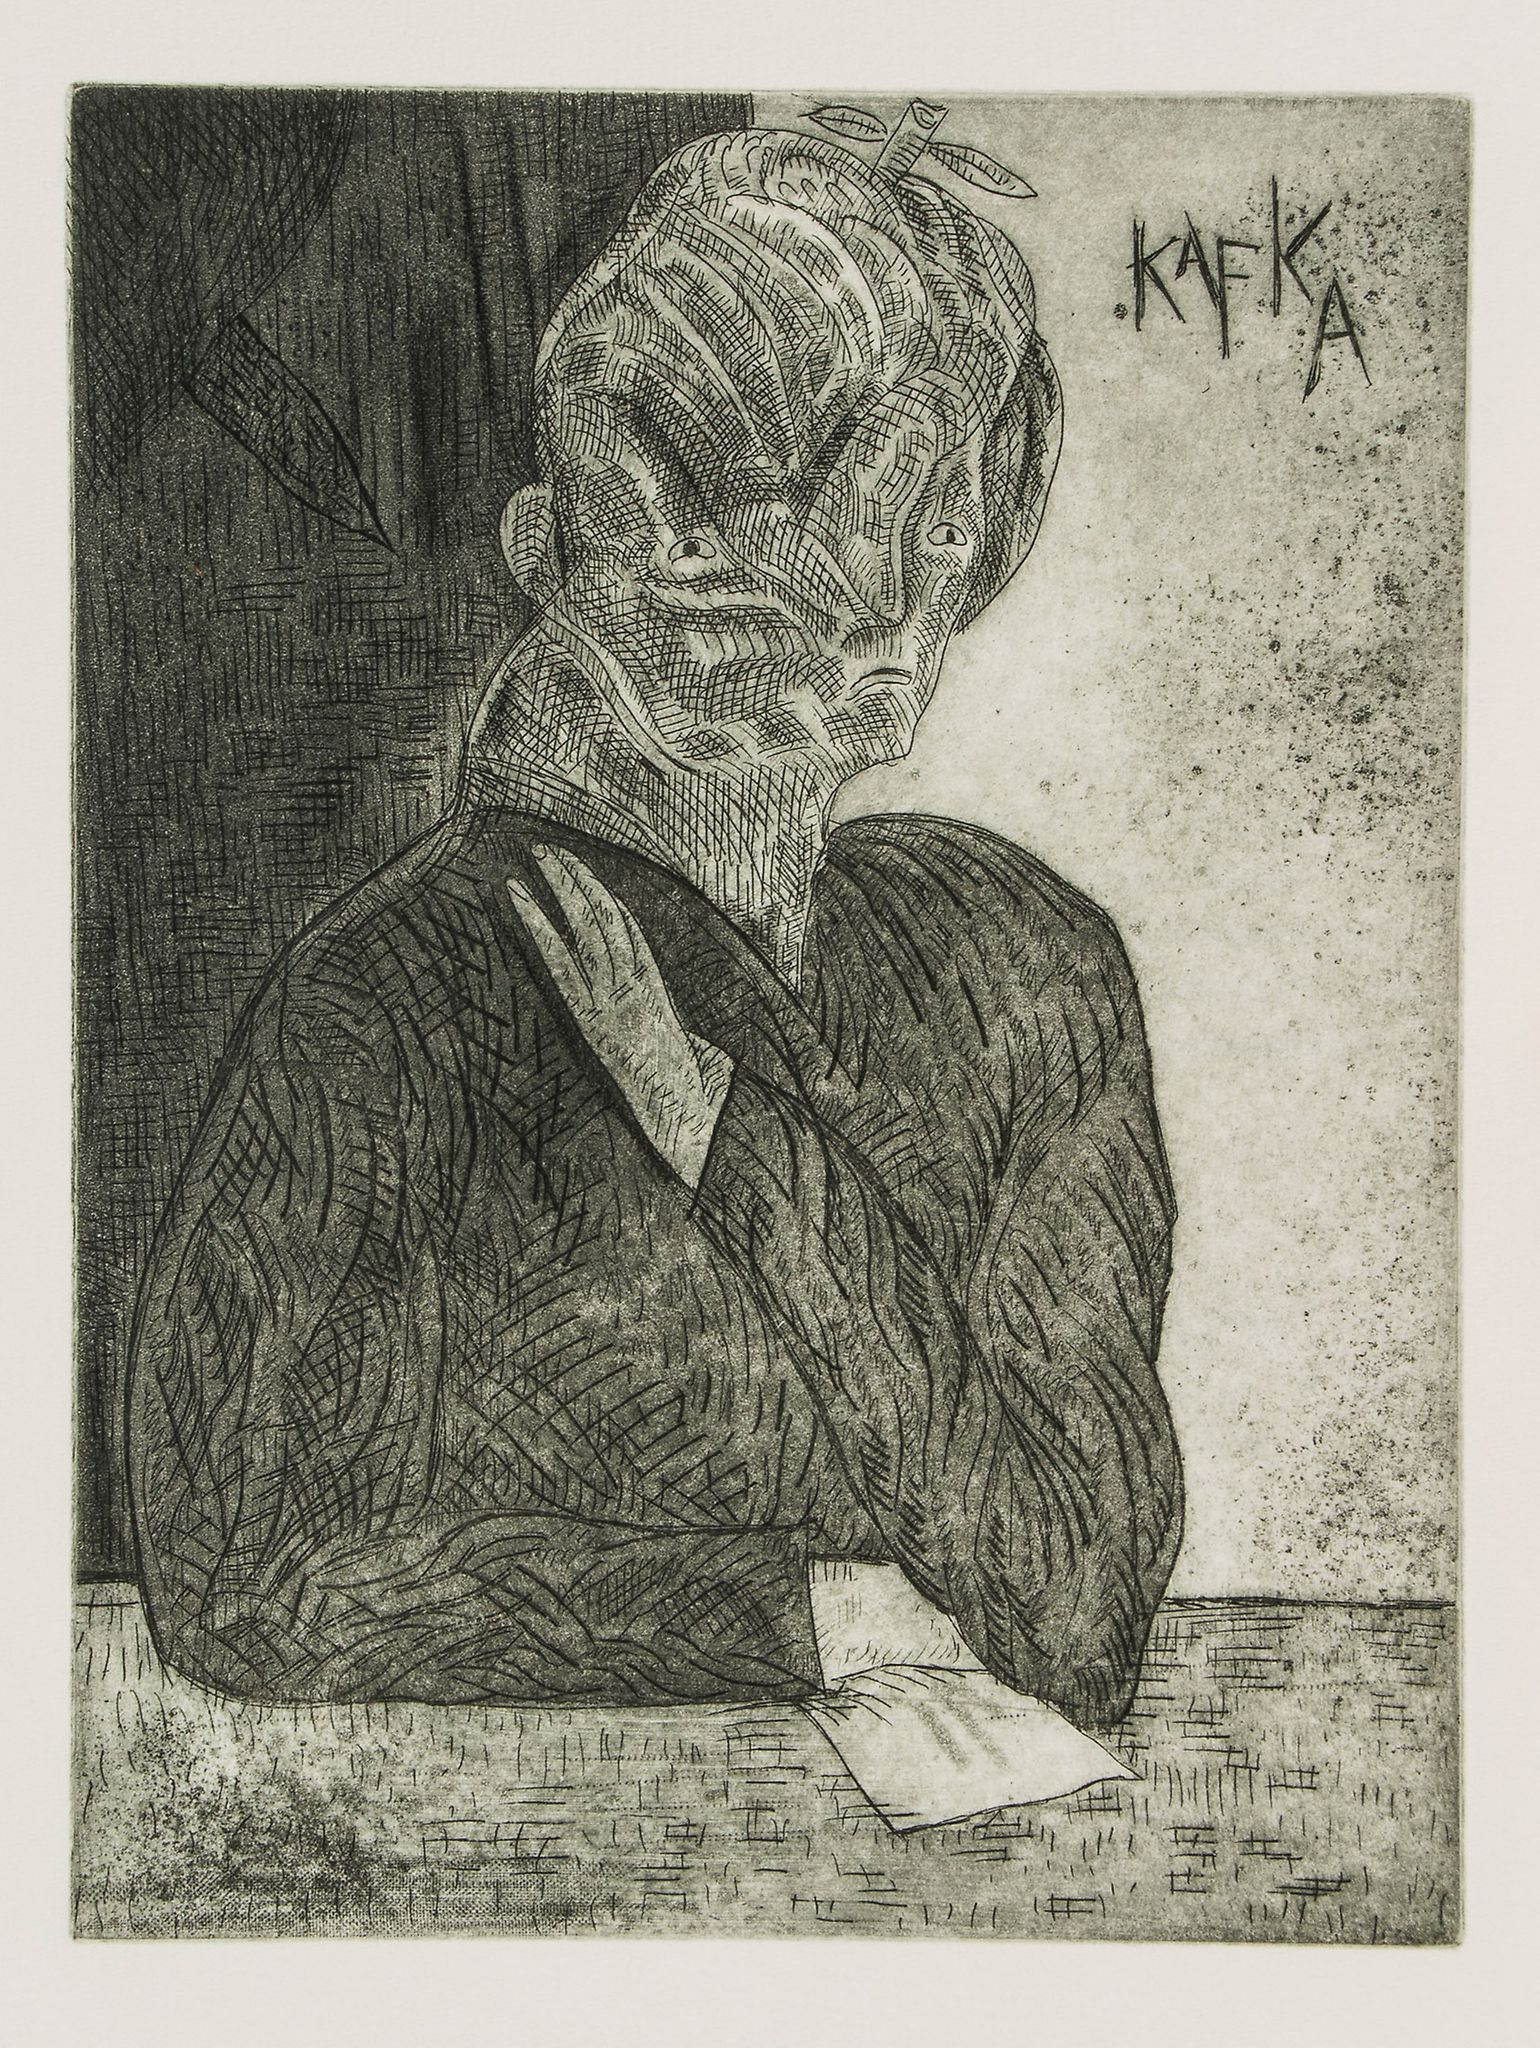 Kafka (Franz) - Metamorphosis, etchings by José Luis Cuevas